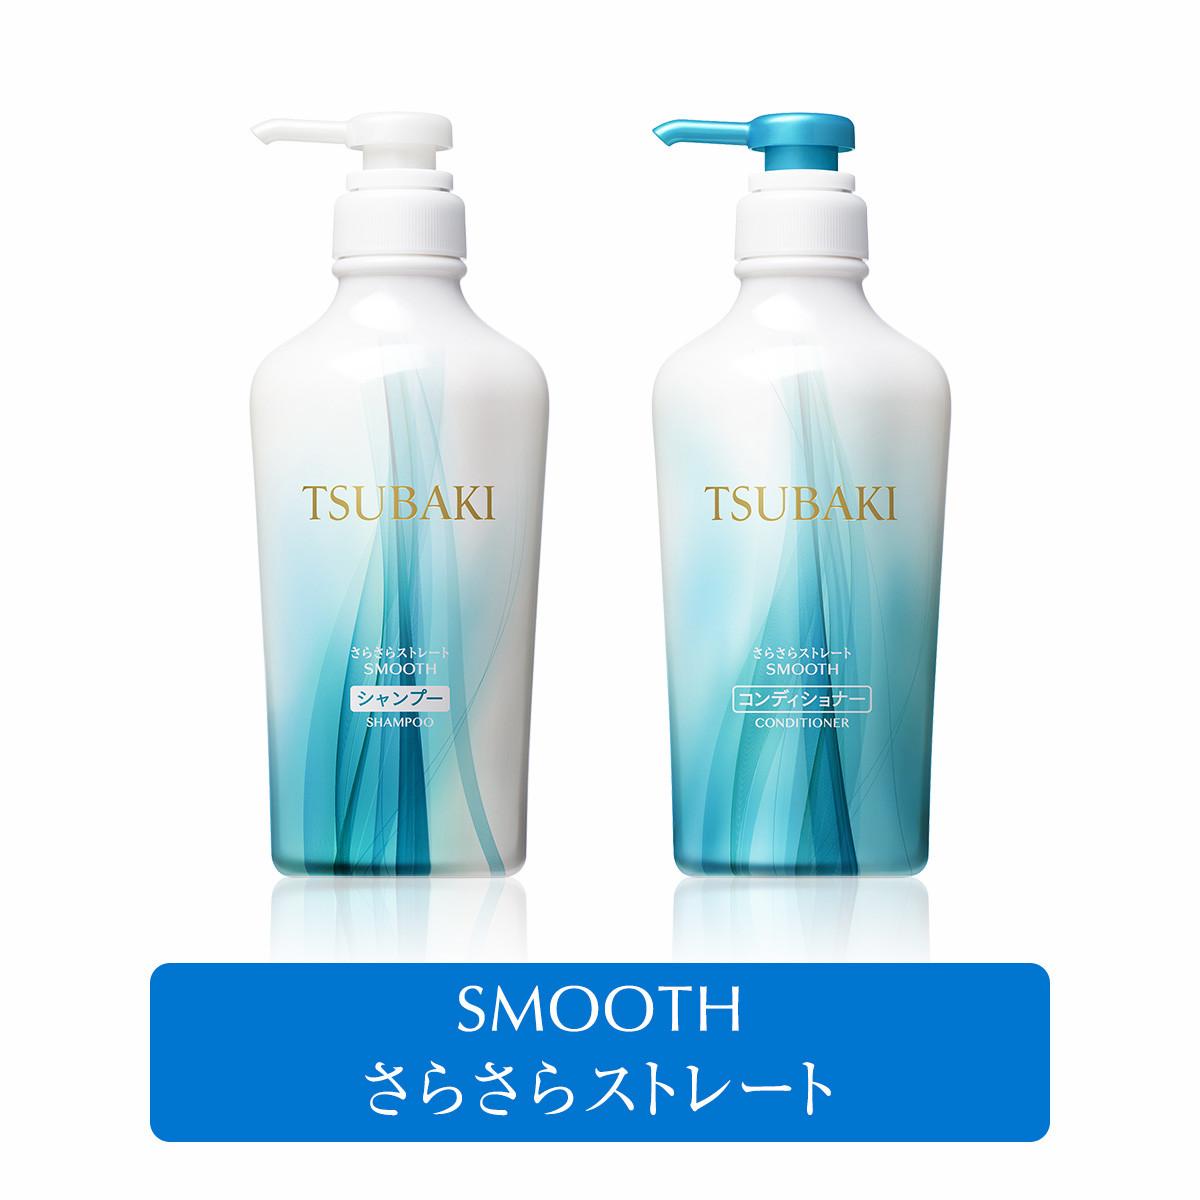 【新発売記念プレゼント付き】芯からきれいな髪を叶える髪の5大美容成分※をベストバランスで配合! 新「TSUBAKI」登場_1_2